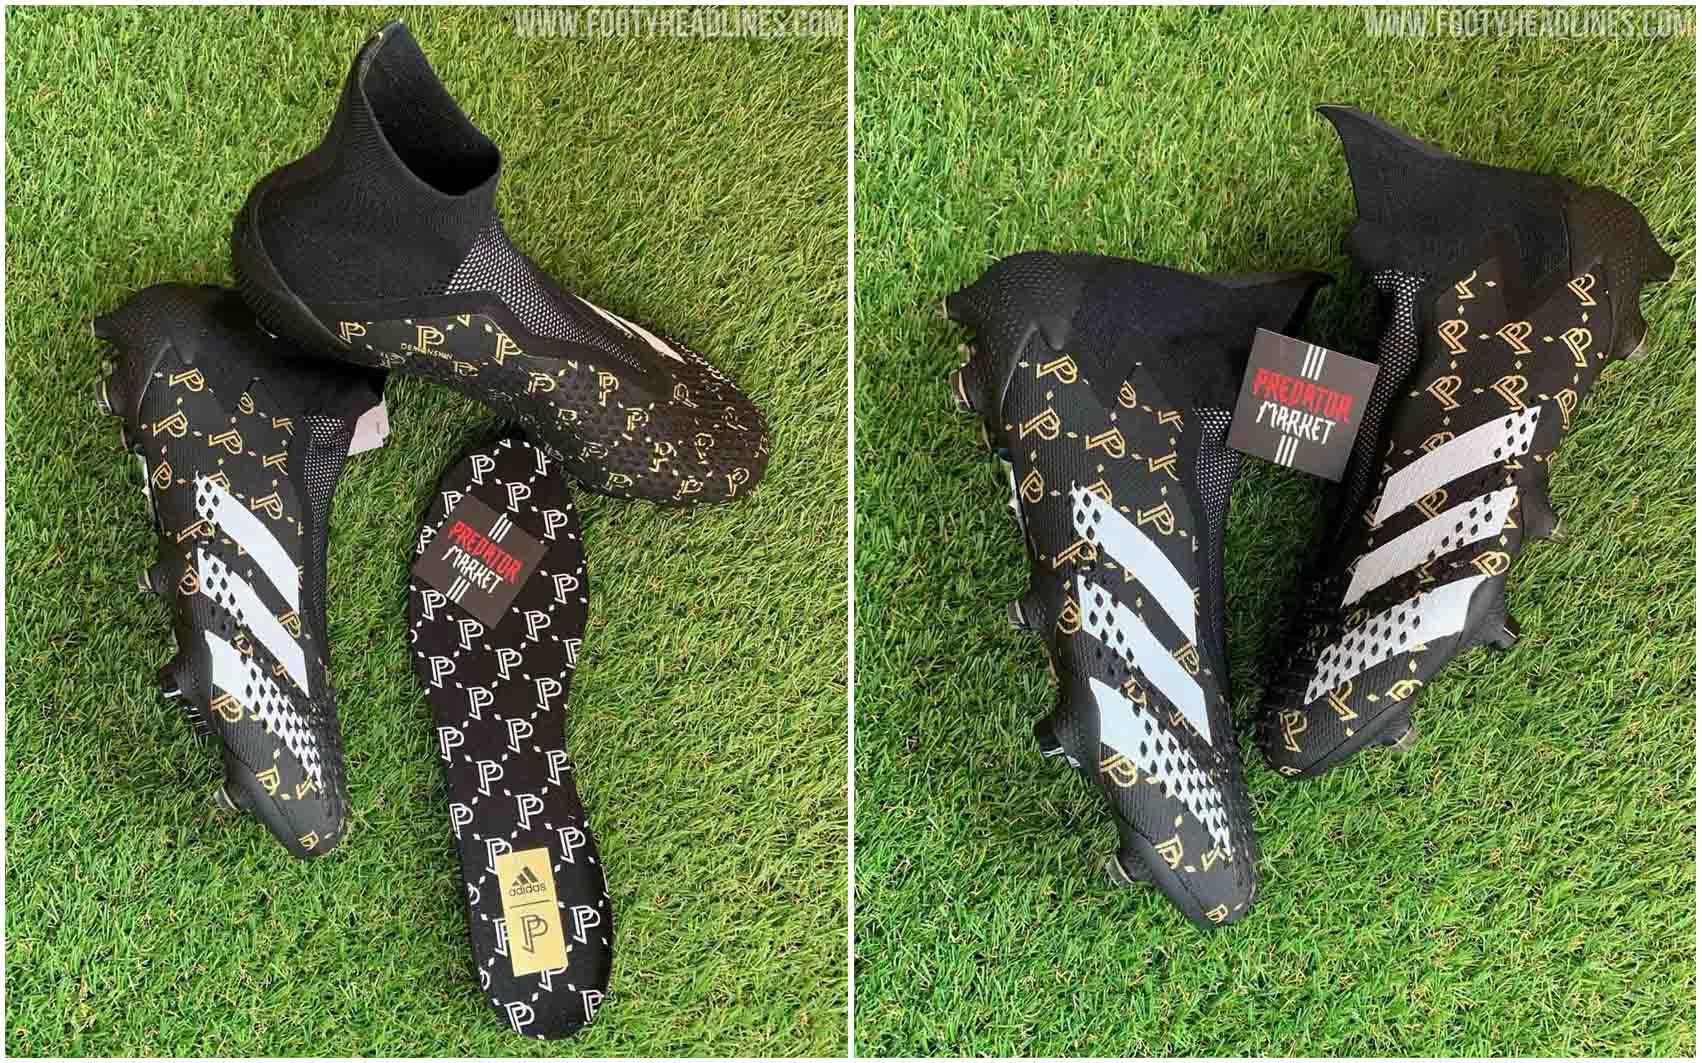 Giày bóng đá Adidas Pogba Season 7 mới thiết kế cực kỳ đẹp mắt